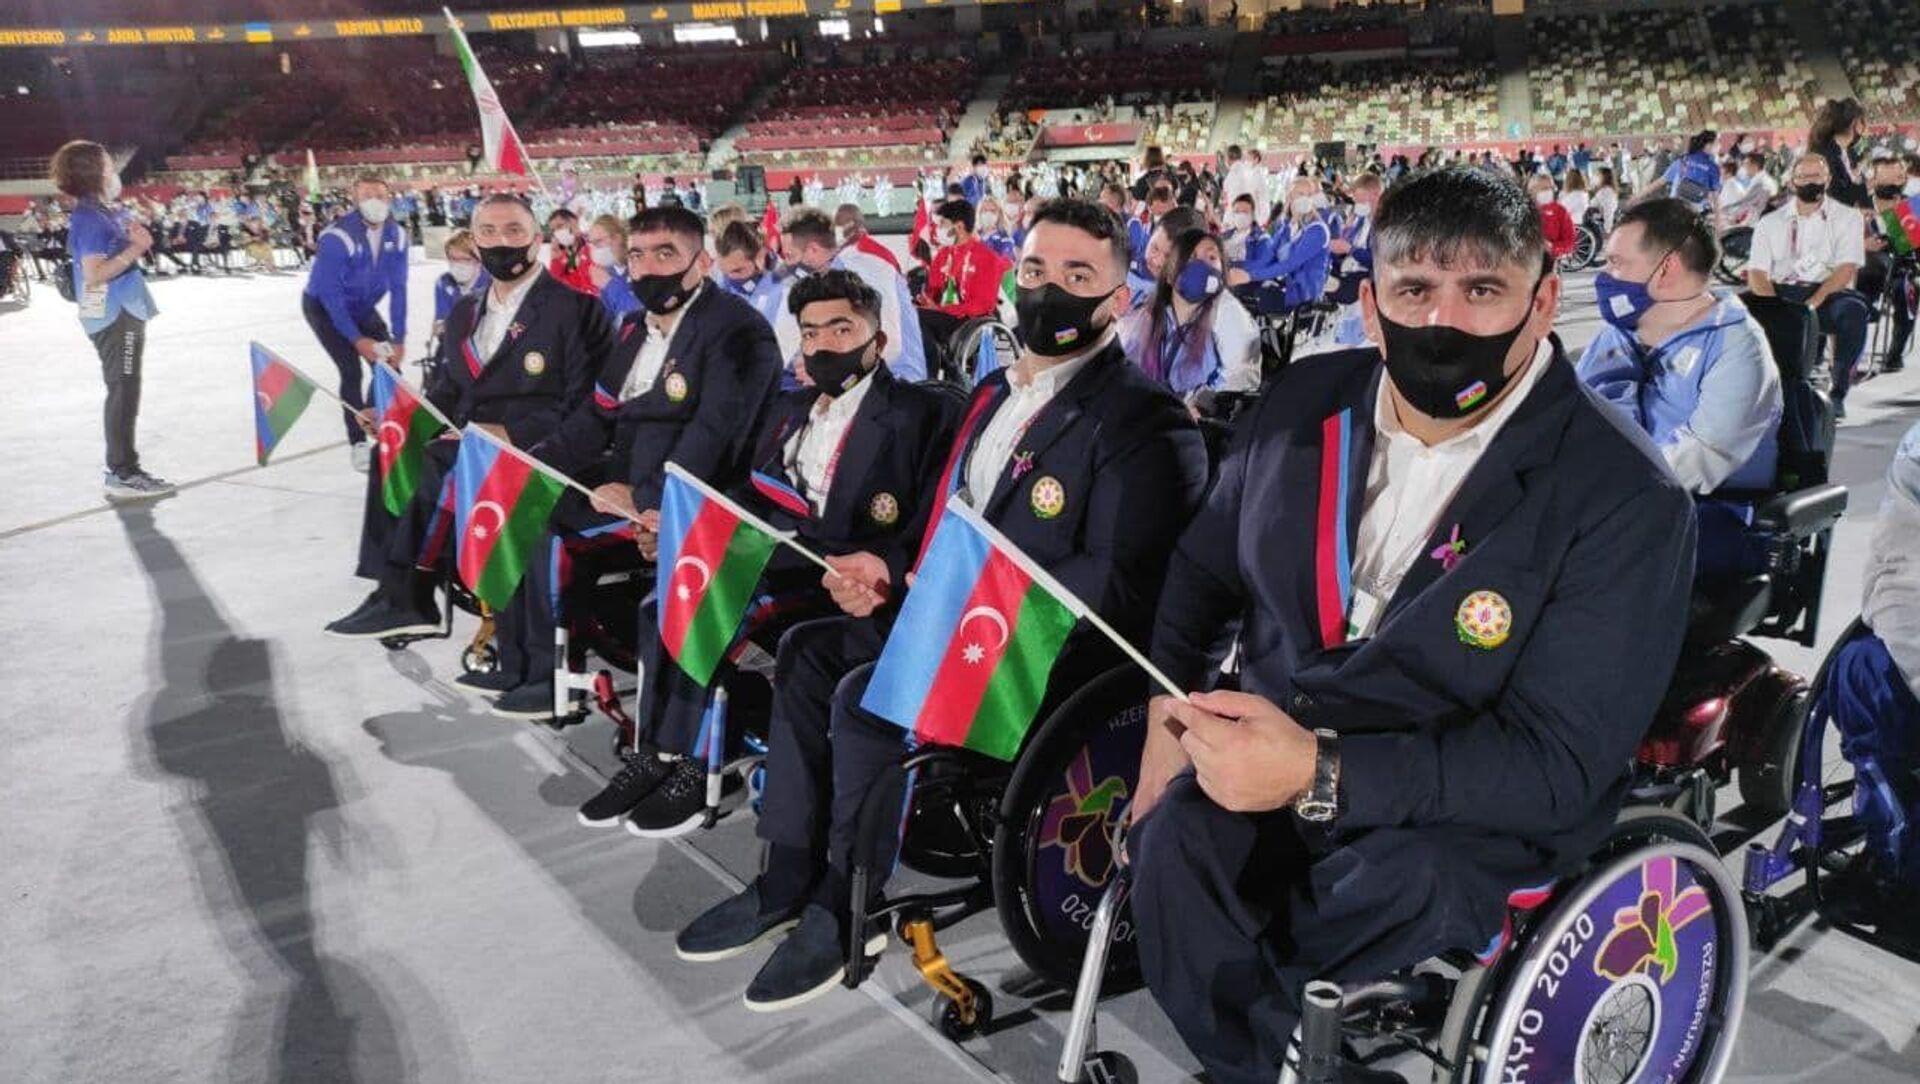 Azərbaycan paralimpiyaçıları Tokio 2020 XVI Yay Paralimpiya Oyunlarının açılış mərasimində  - Sputnik Azərbaycan, 1920, 24.08.2021